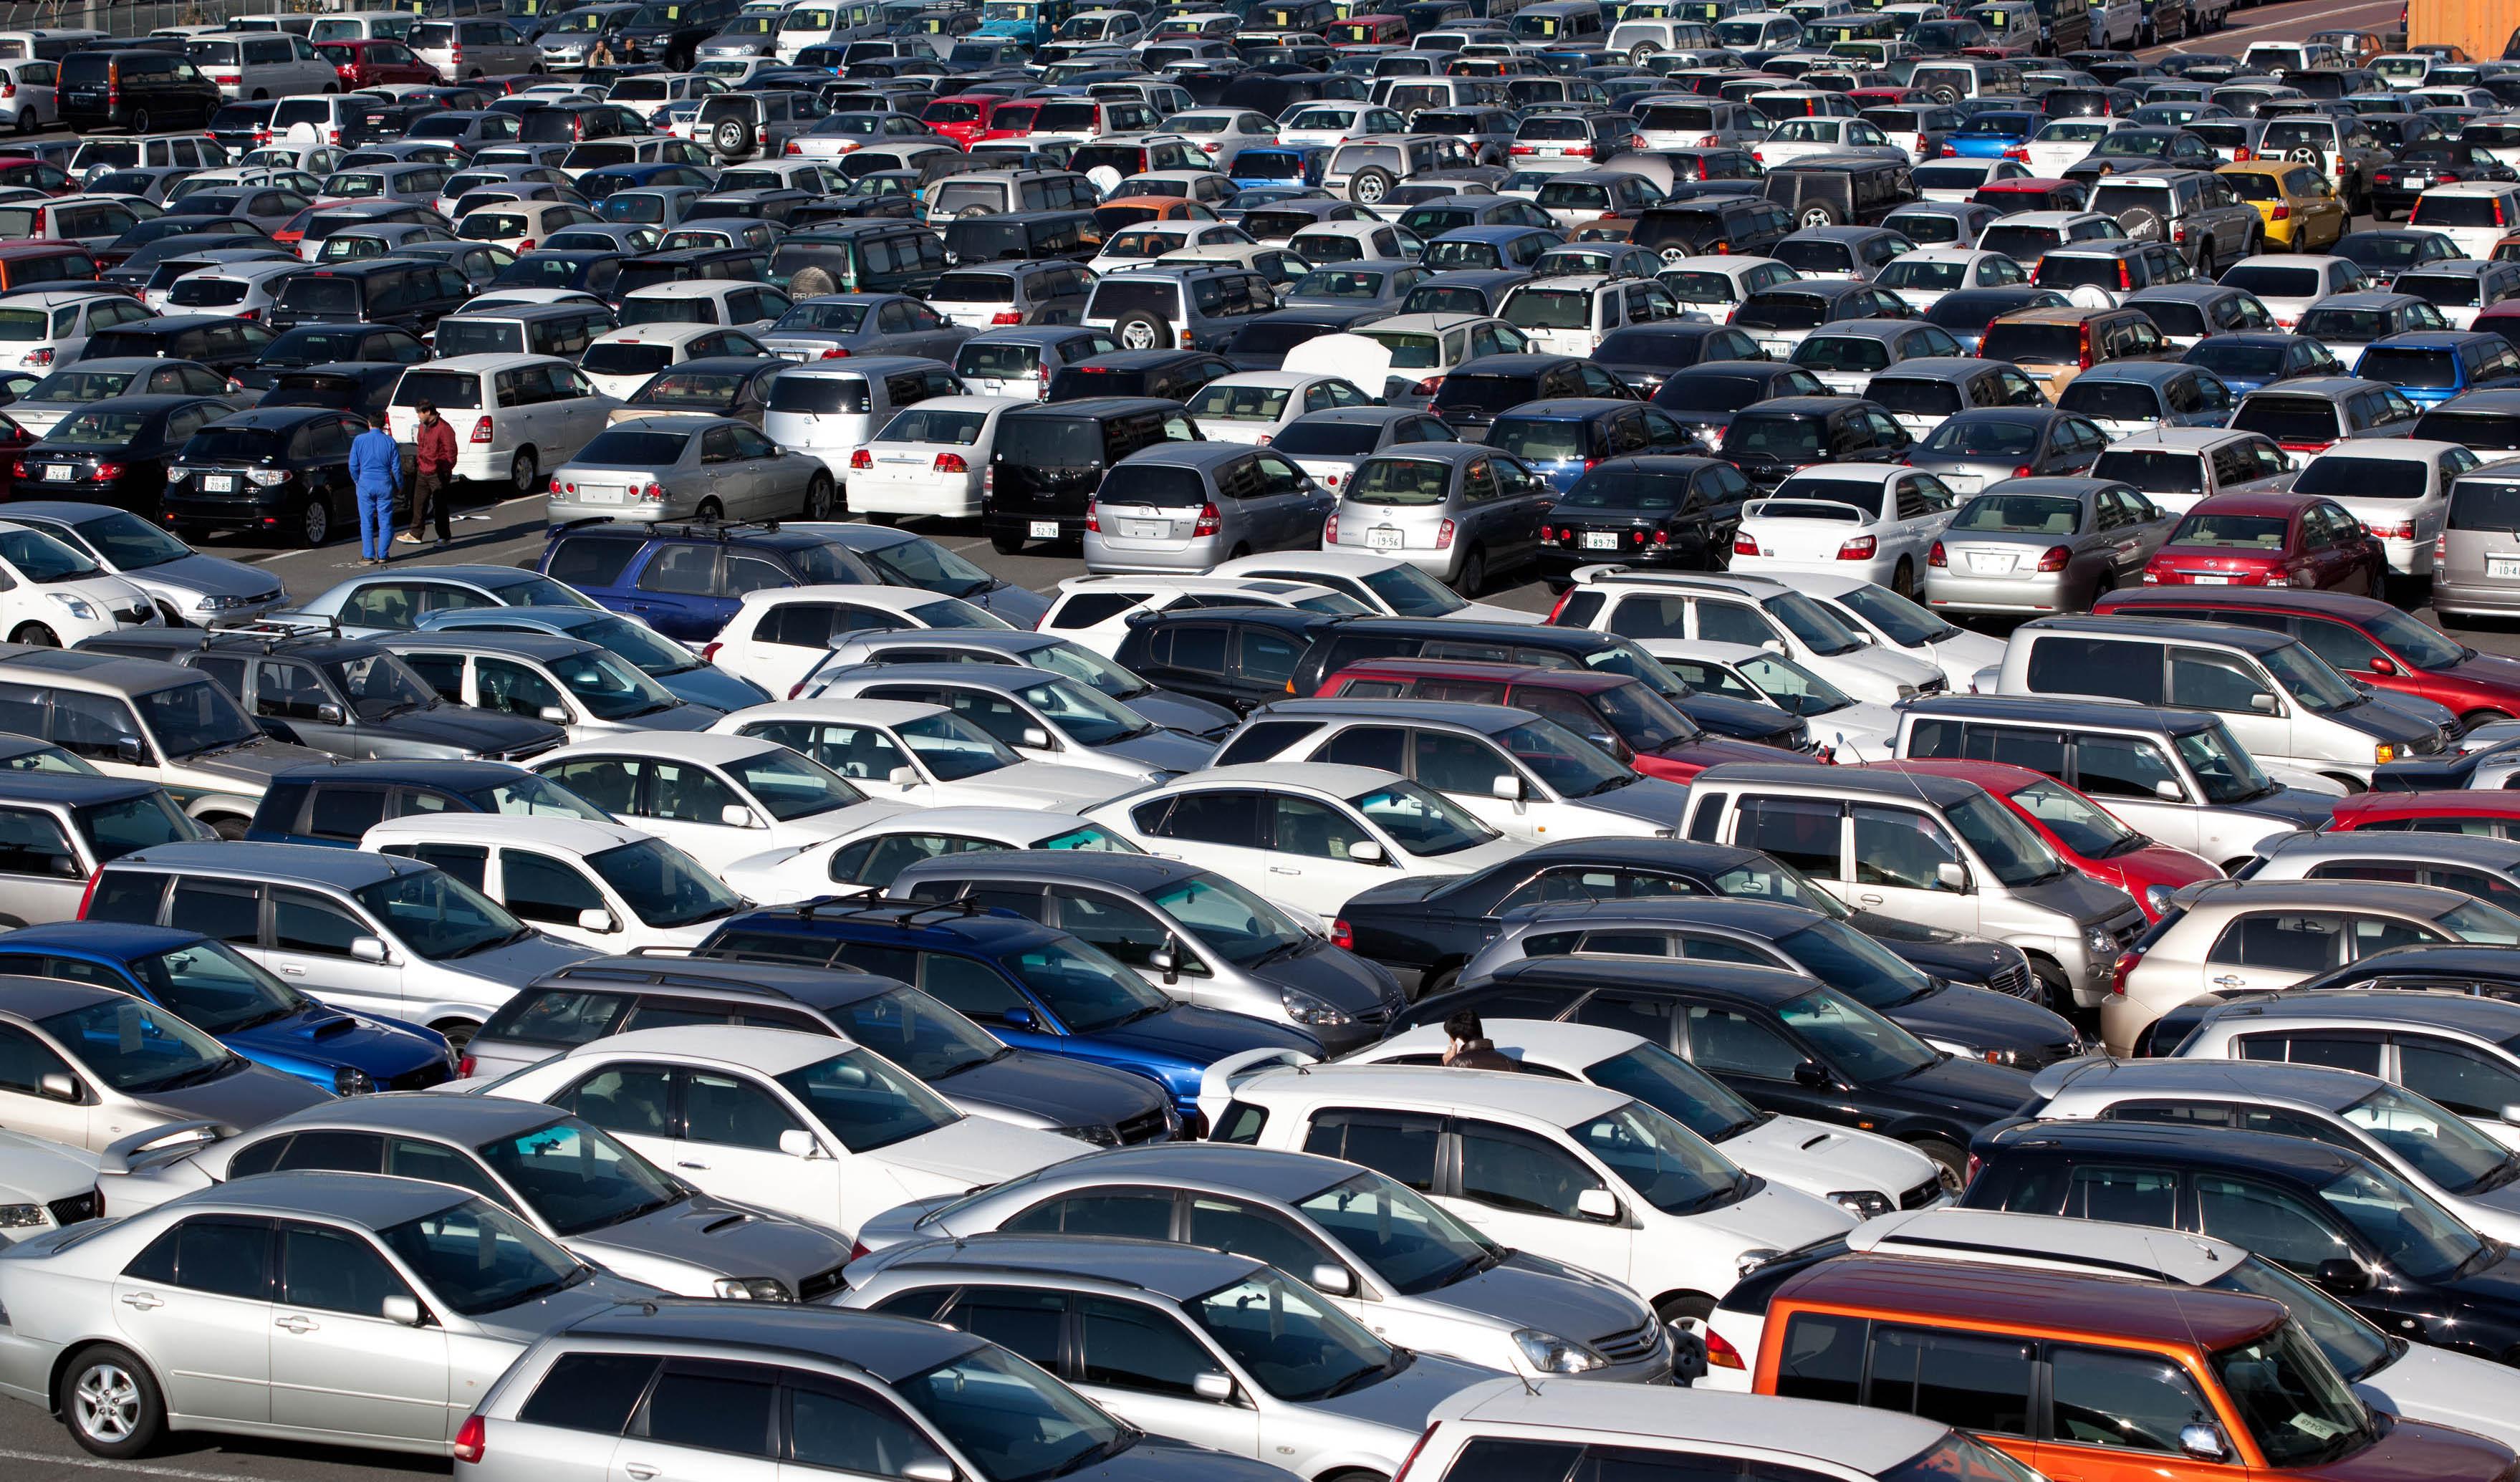 سه گام مهم برای تقویت صنعت خودرو